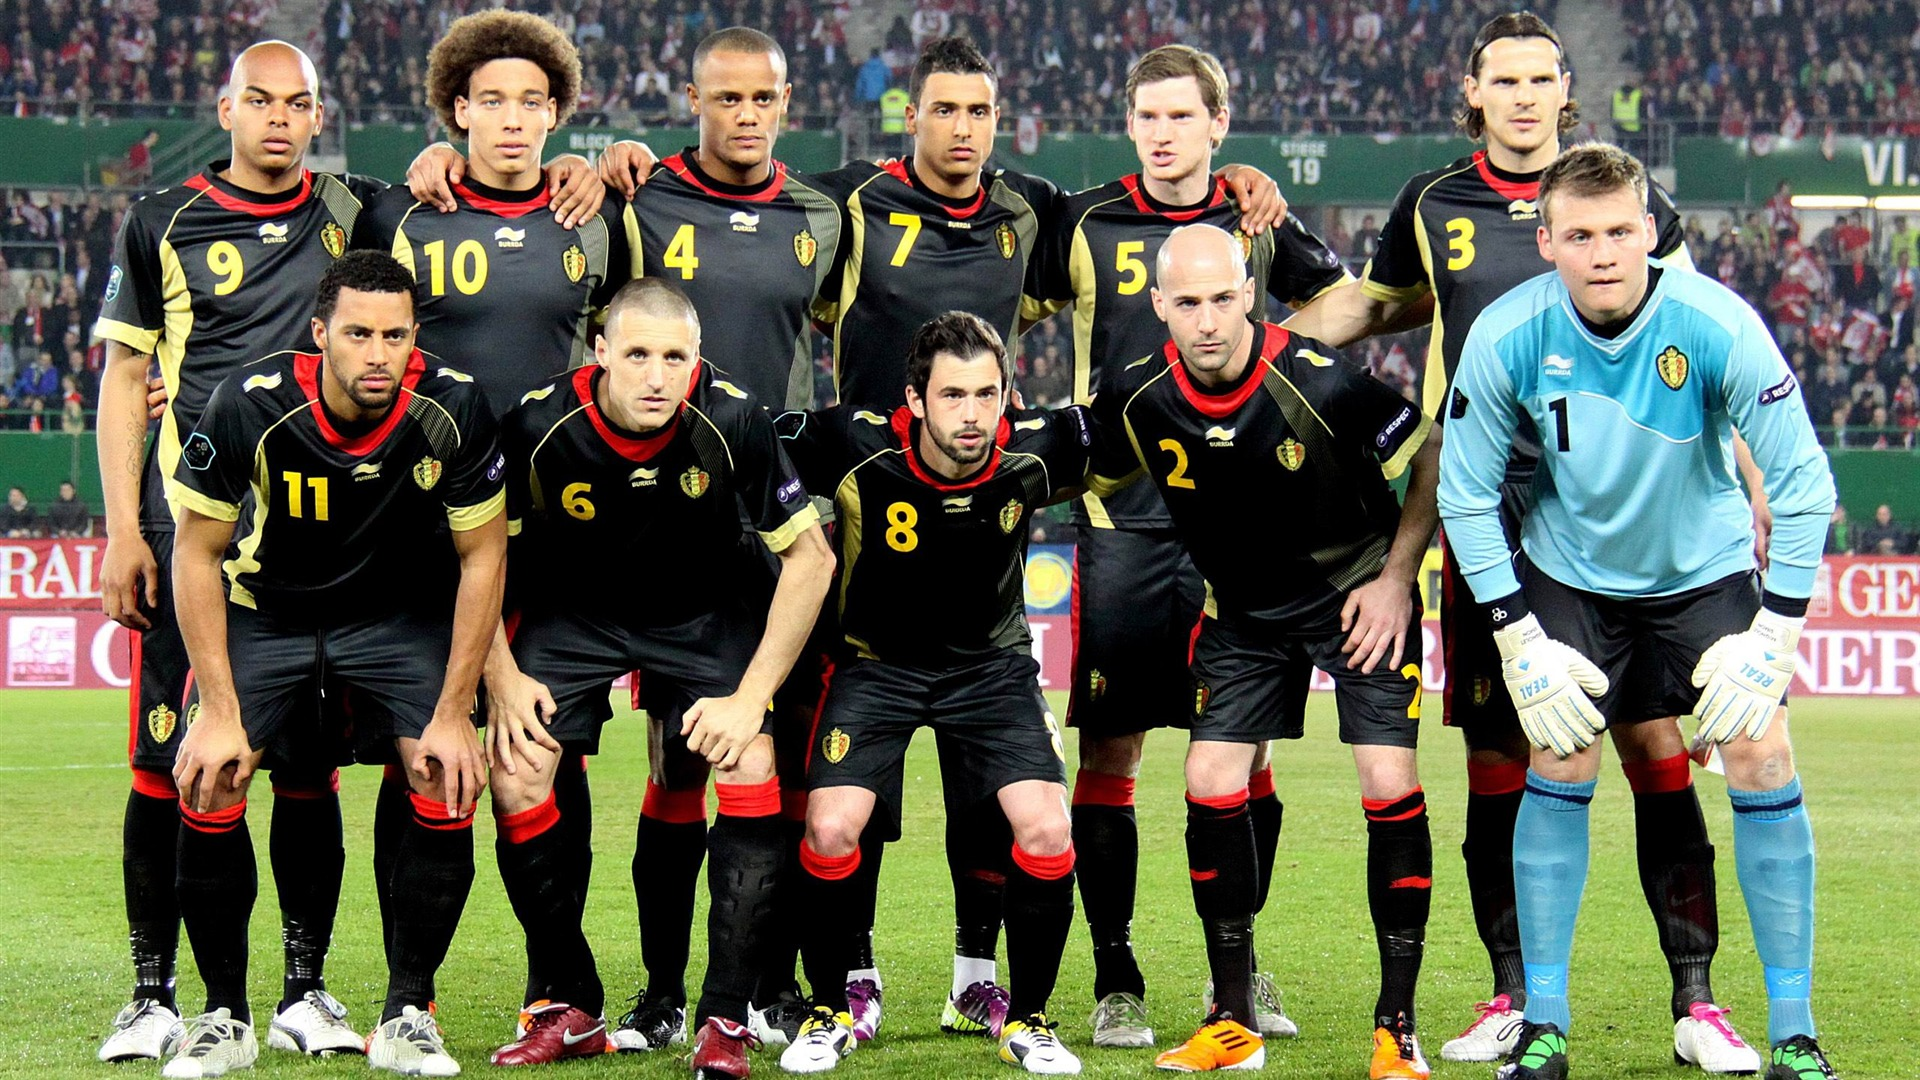 L 233 Quipe De Football En Belgique Euro 2012 Fonds D 233 Cran